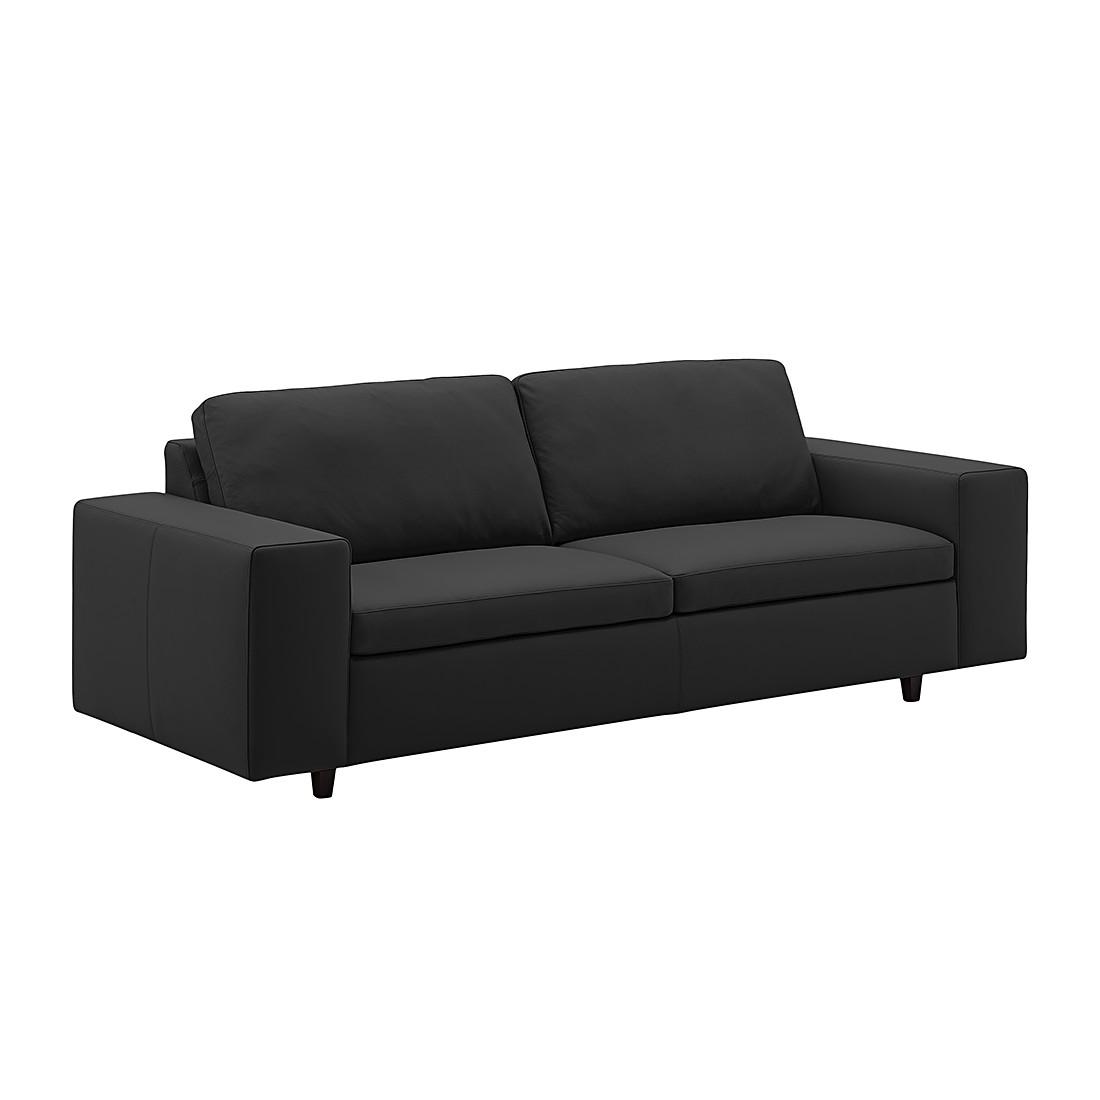 Sofa Wega (3-Sitzer) - Echtleder - Schwarz, Machalke Polsterwerkstätten